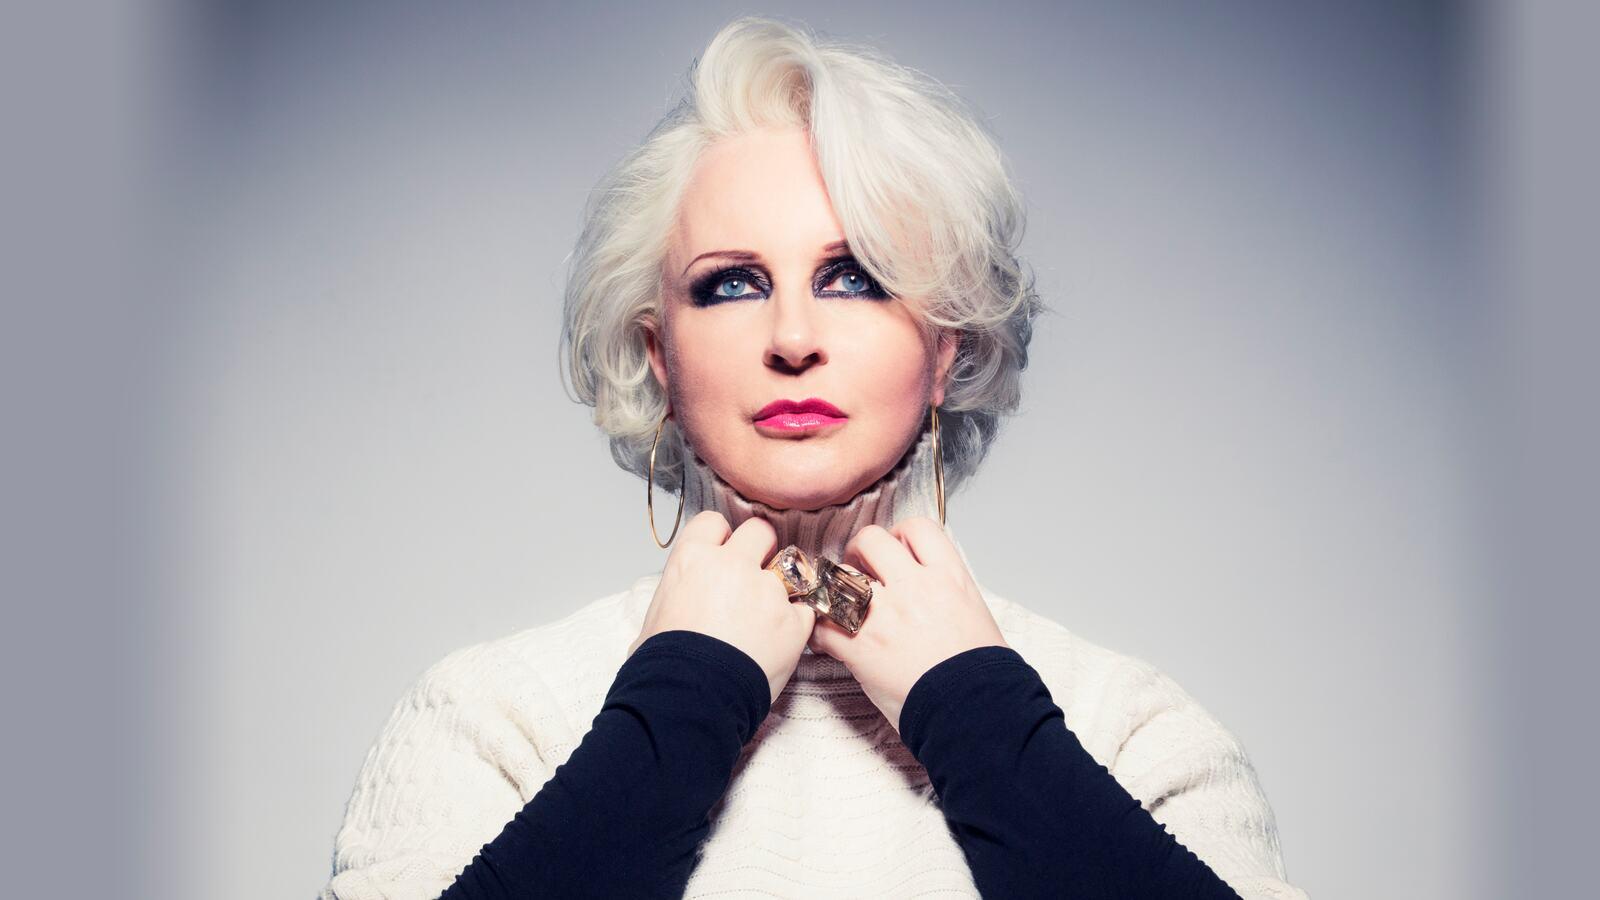 Irene Theorin, soprano